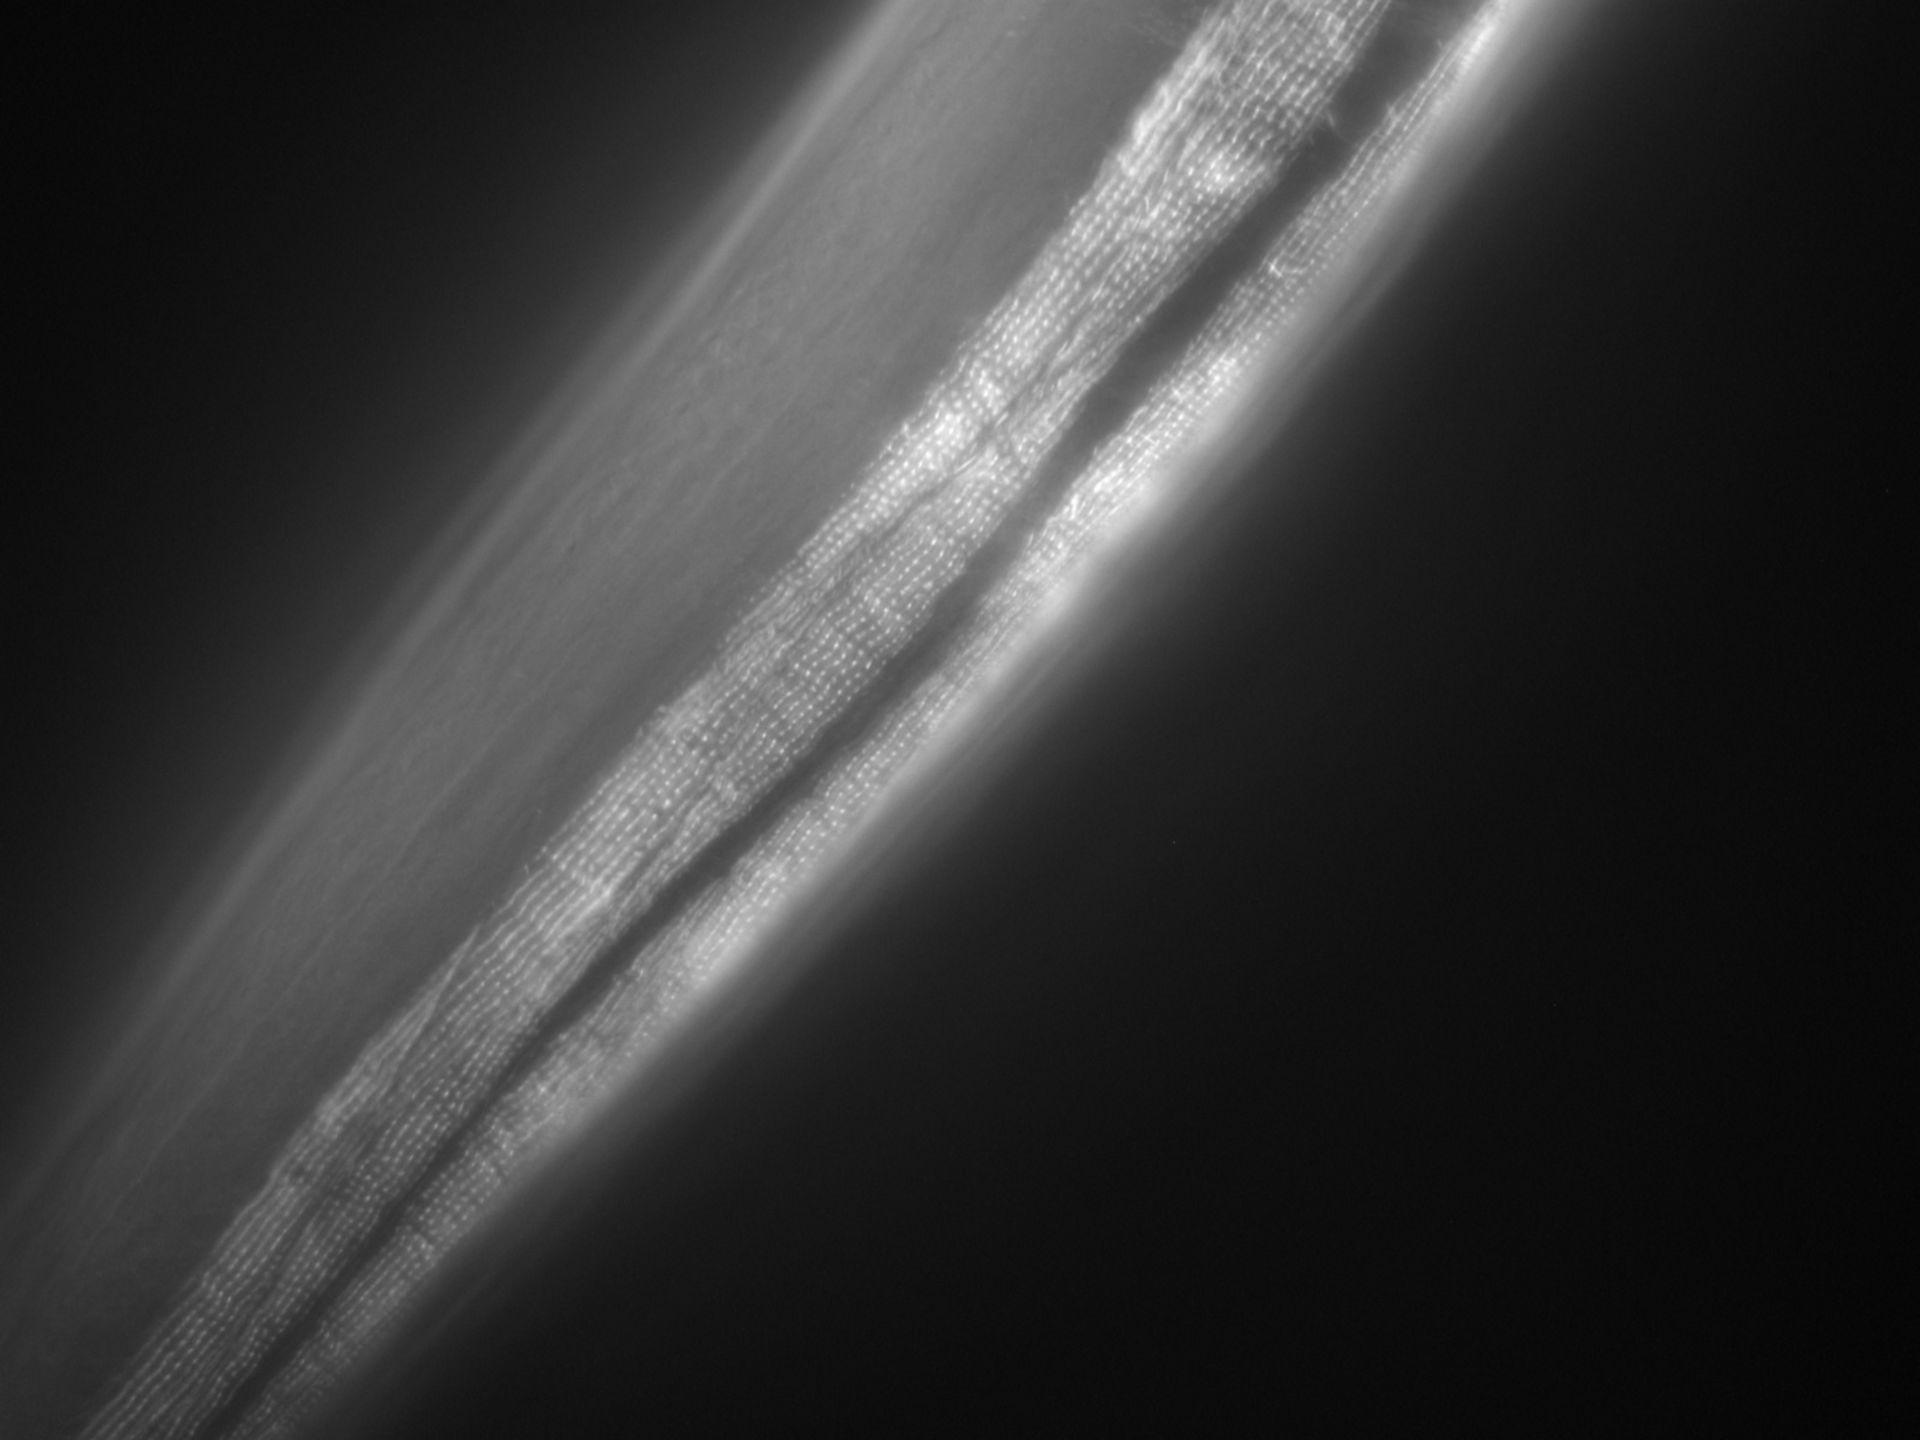 Caenorhabditis elegans (filamento di actina) - CIL:1049